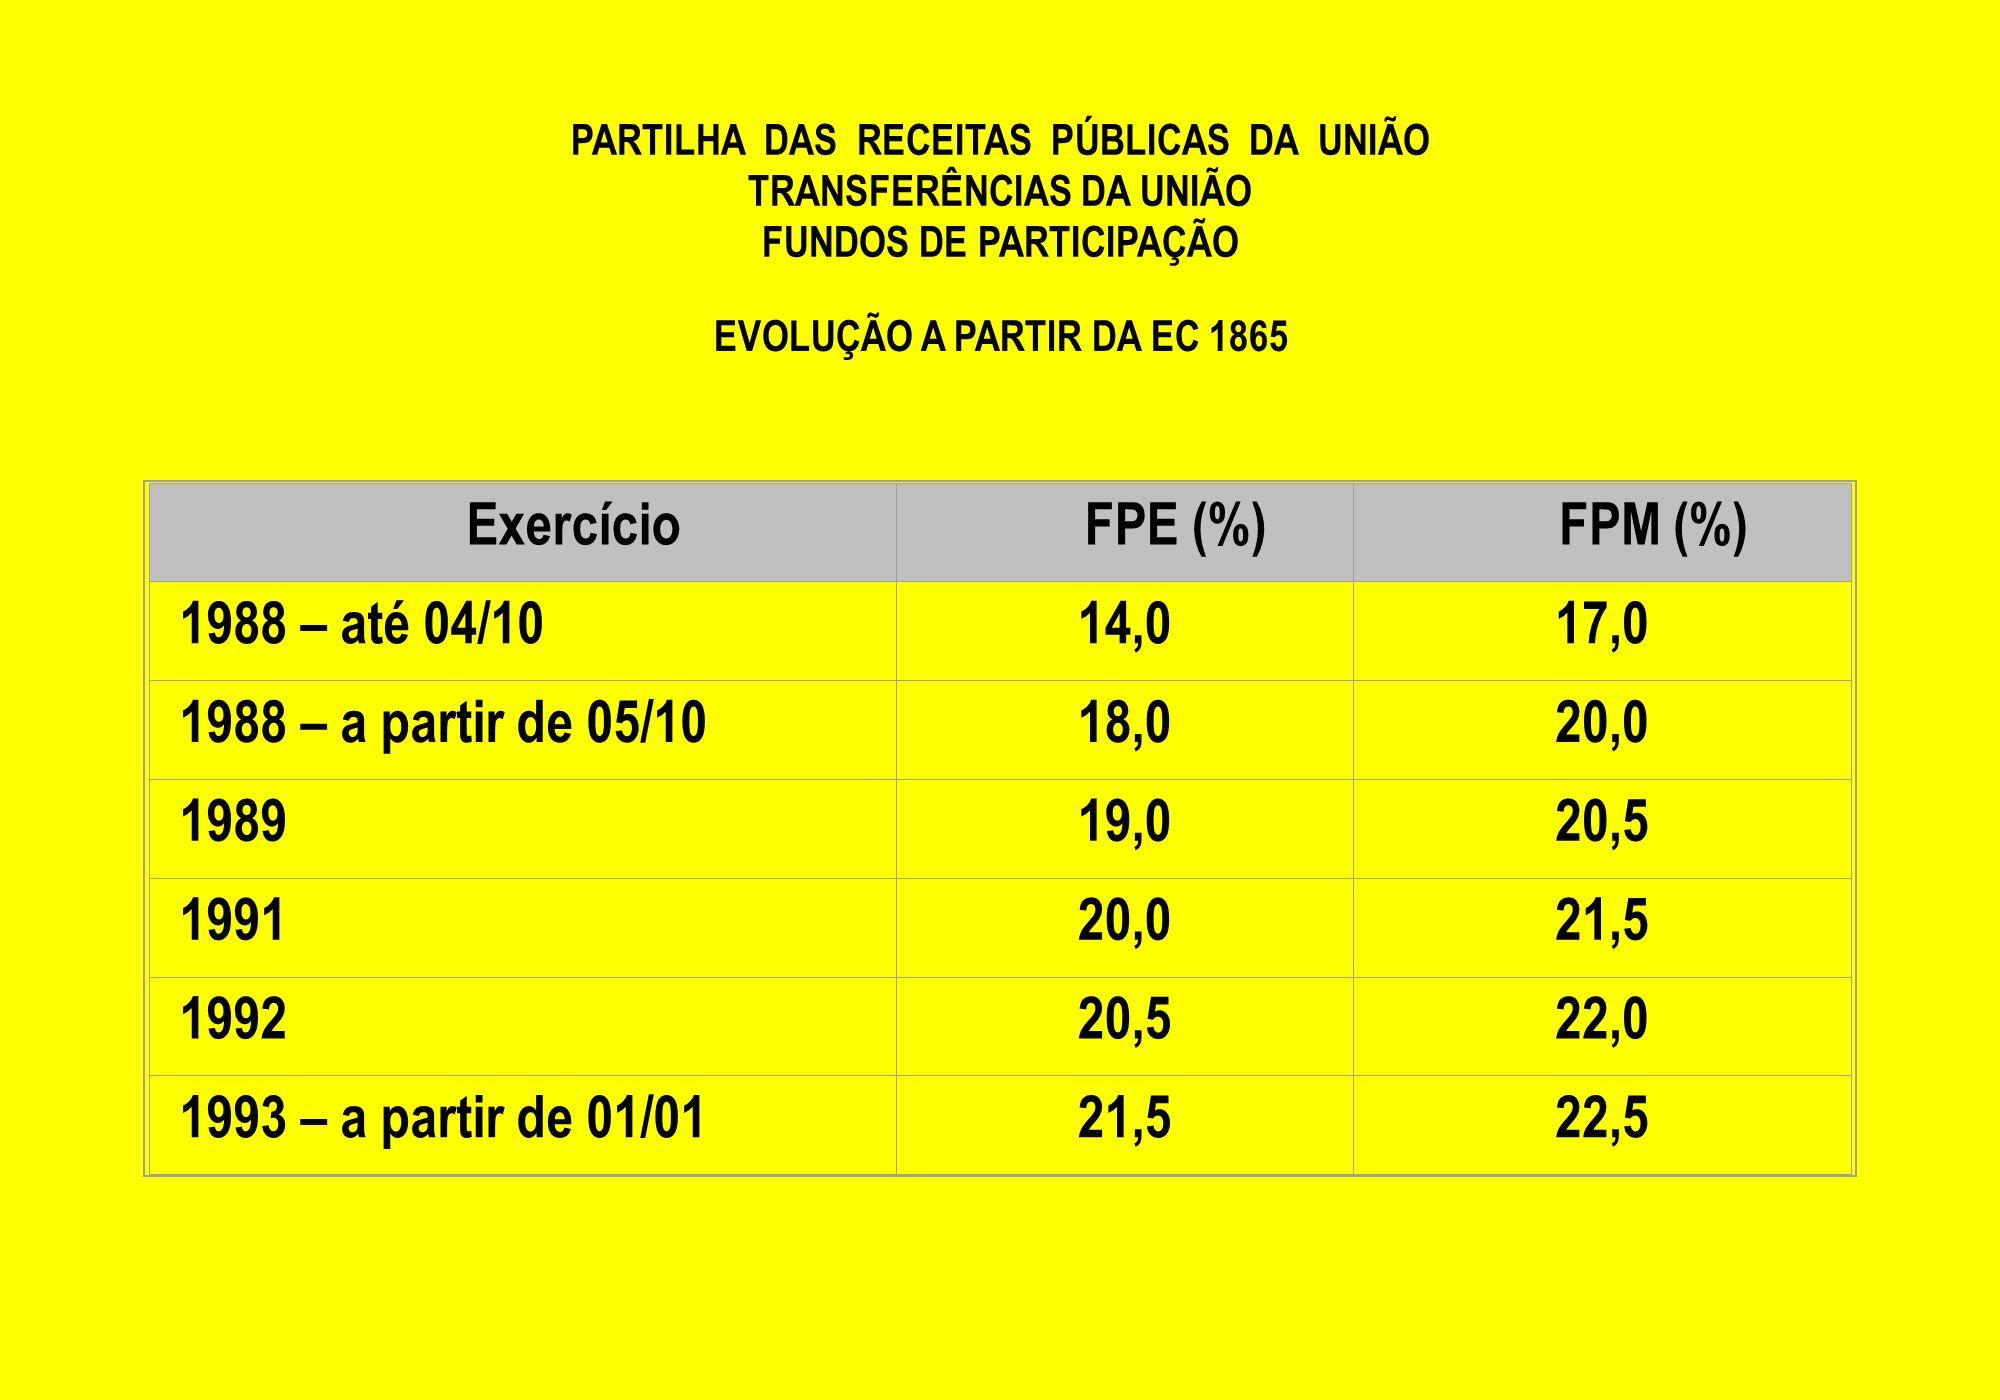 PARTILHA DAS RECEITAS PÚBLICAS DA UNIÃO TRANSFERÊNCIAS DA UNIÃO FUNDOS DE PARTICIPAÇÃO EVOLUÇÃO A PARTIR DA EC 1865 Exercício FPE (%) FPM (%) 1988 – a